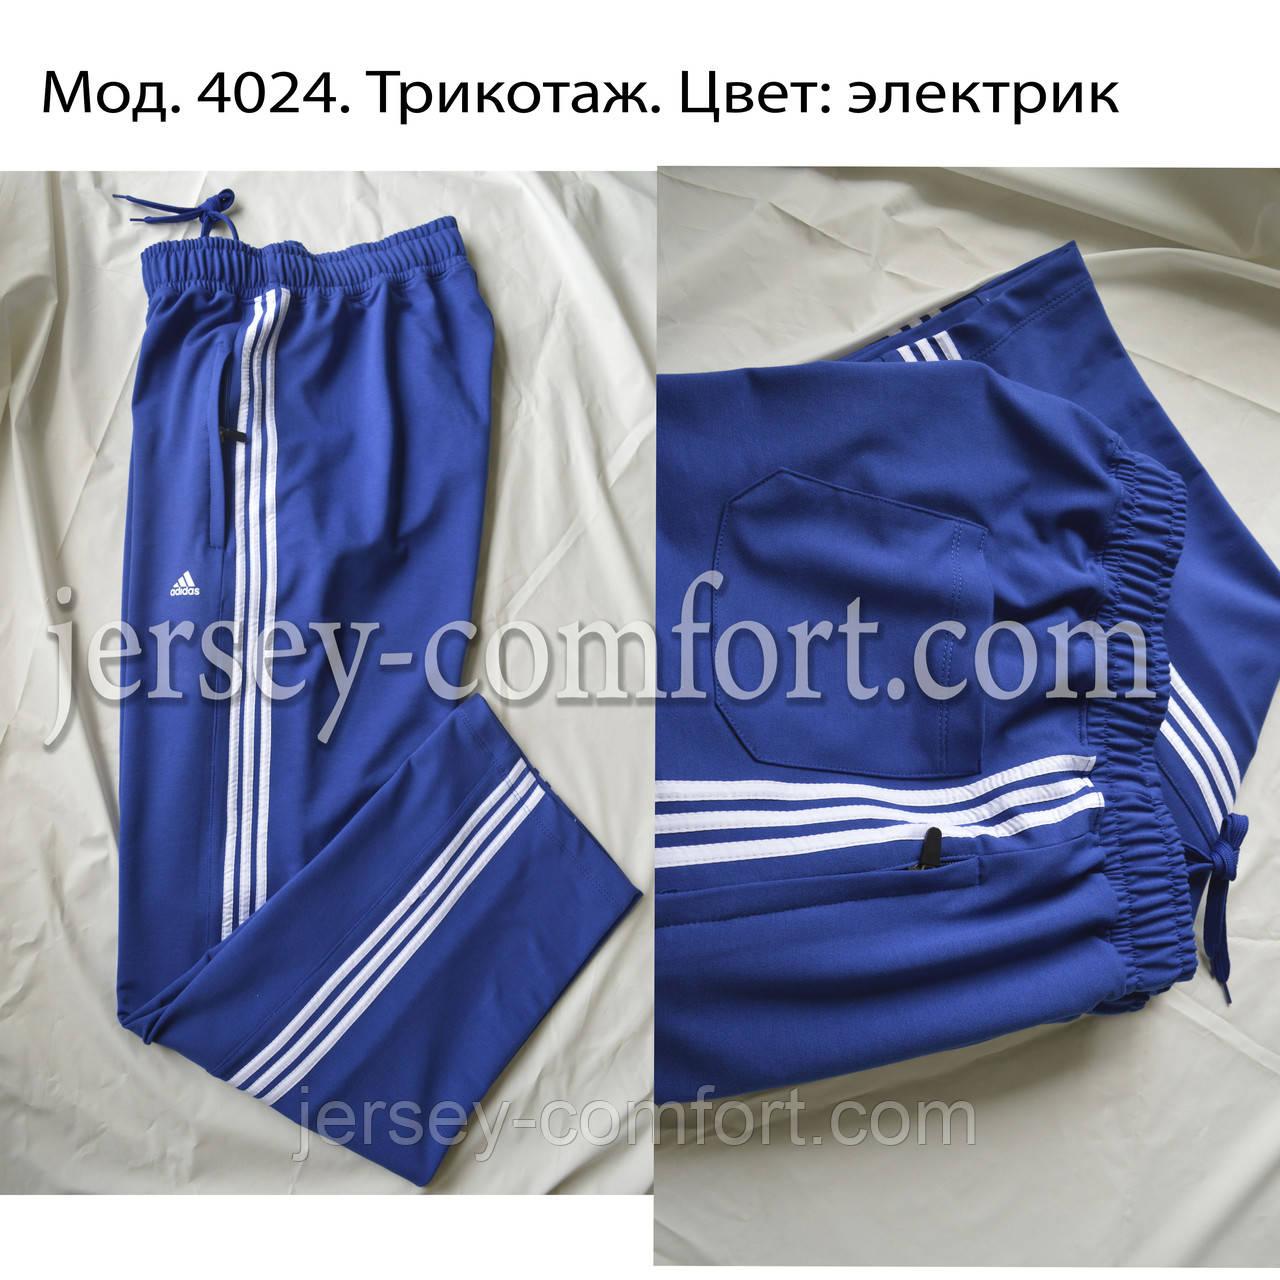 Брюки мужские спортивные. Трикотажные мужские спортивные брюки.Мод. 4024.